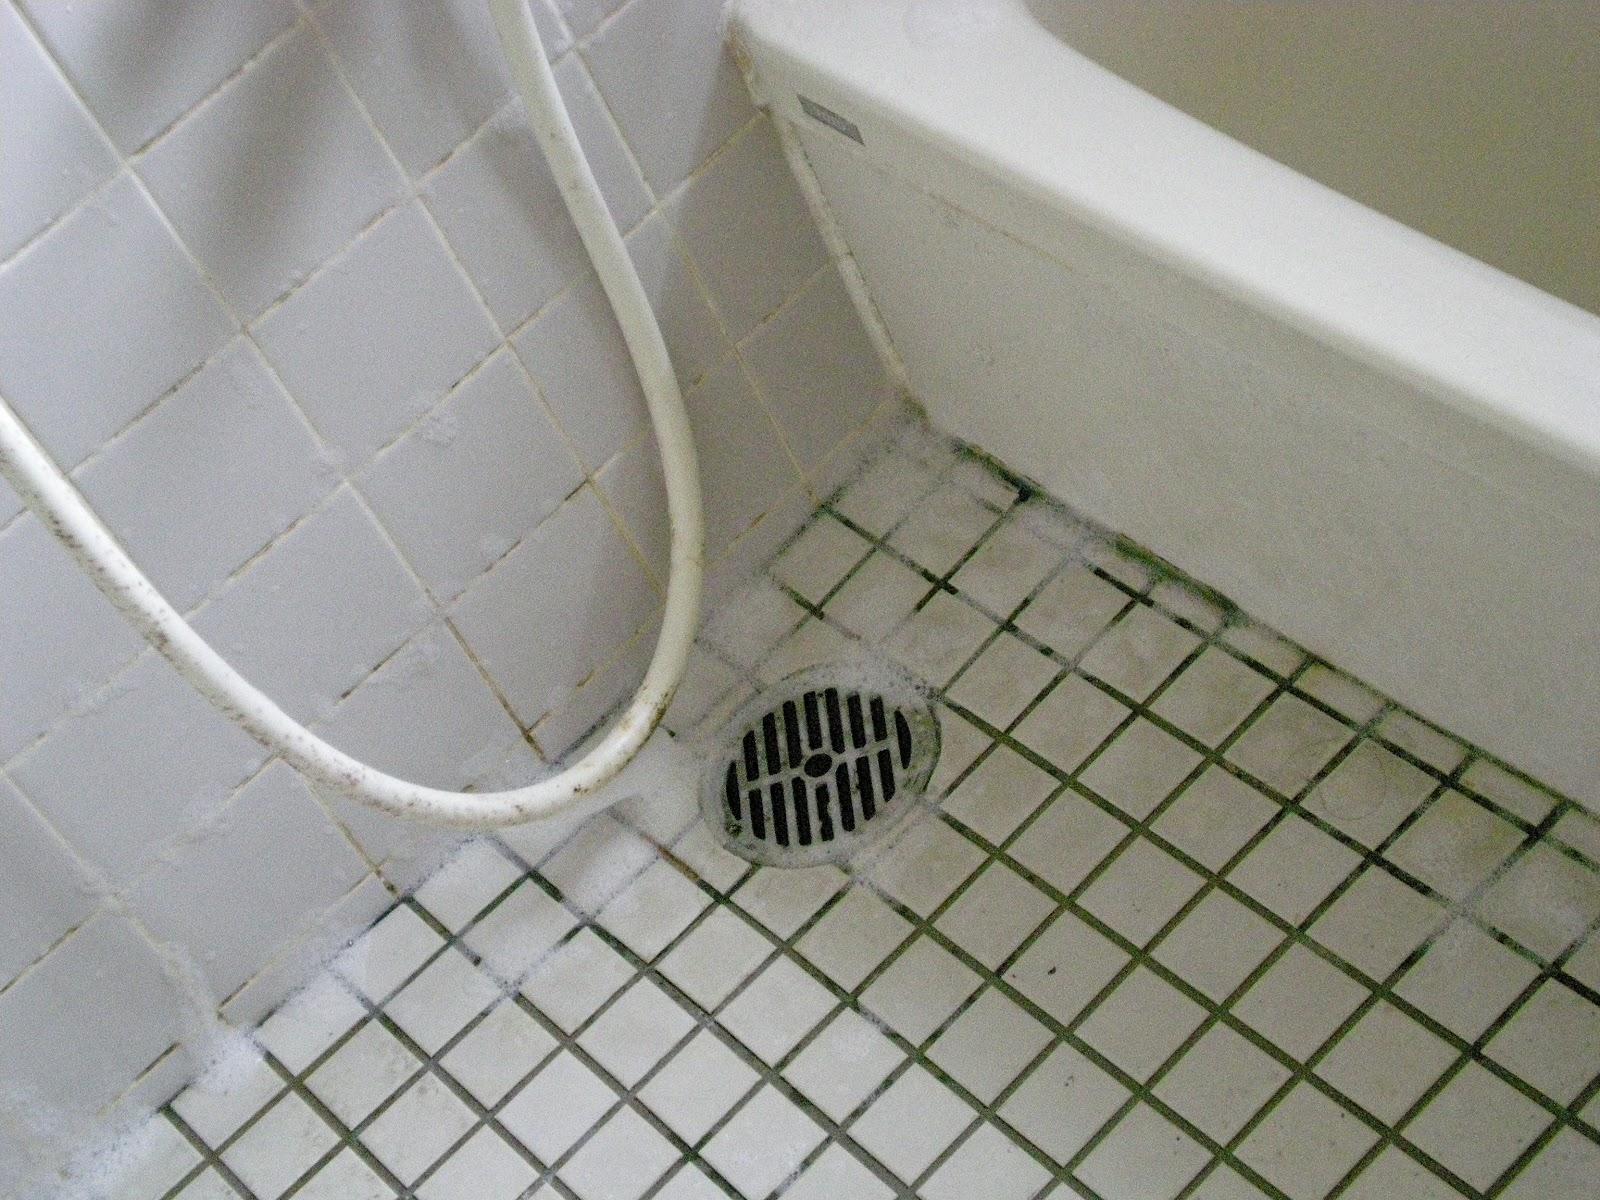 お風呂の天井のカビ取りにアルコール!掃除予防方 …